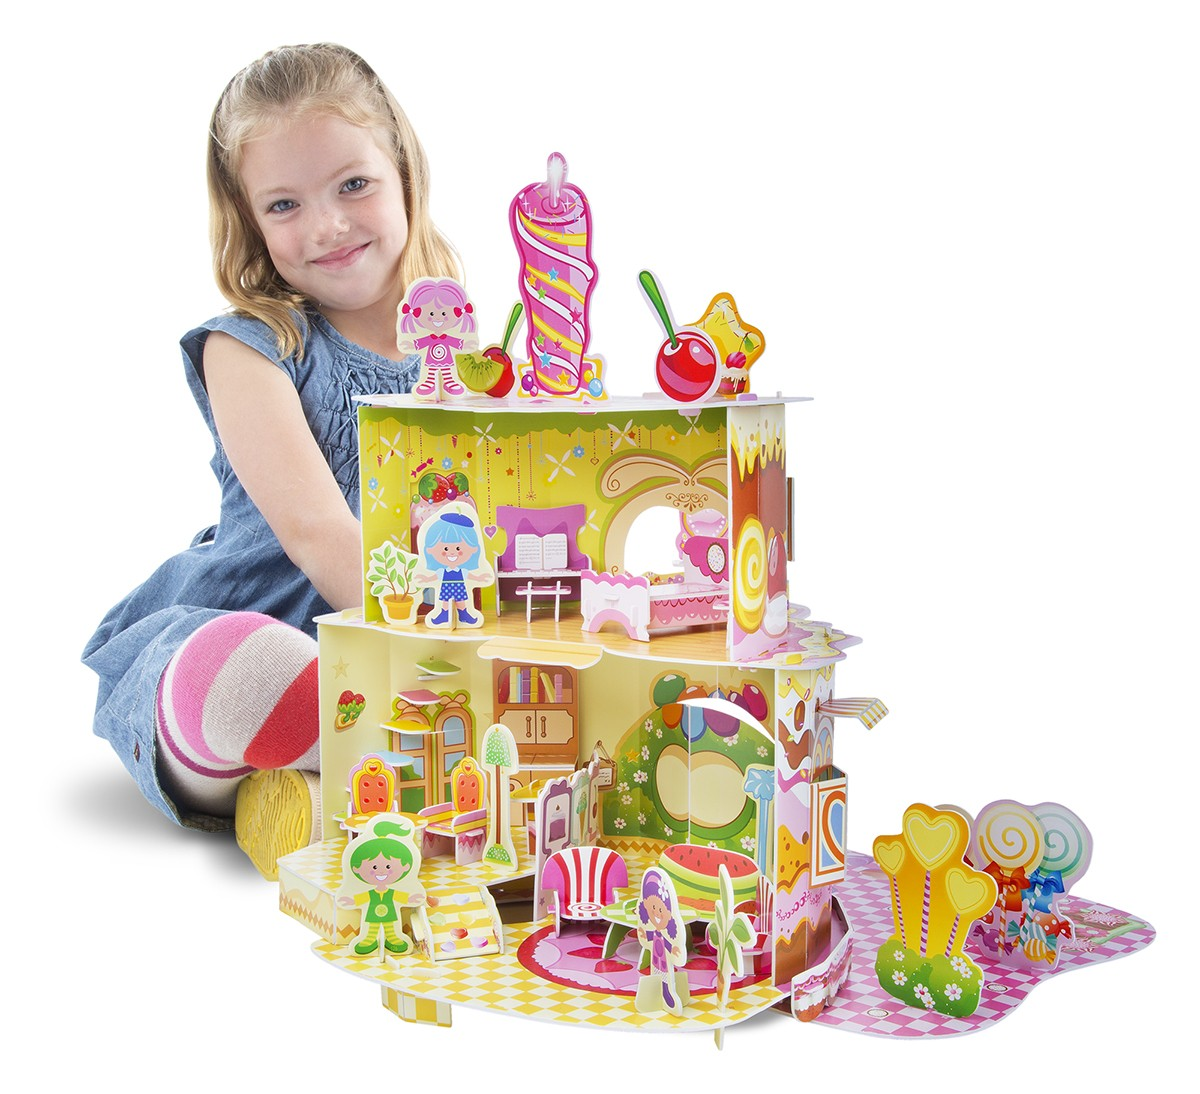 บ้านตุ๊กตาตัวต่อสุดน่ารัก Melissa & Doug 3D Puzzle & Dollhouse (Home Sweet Home)